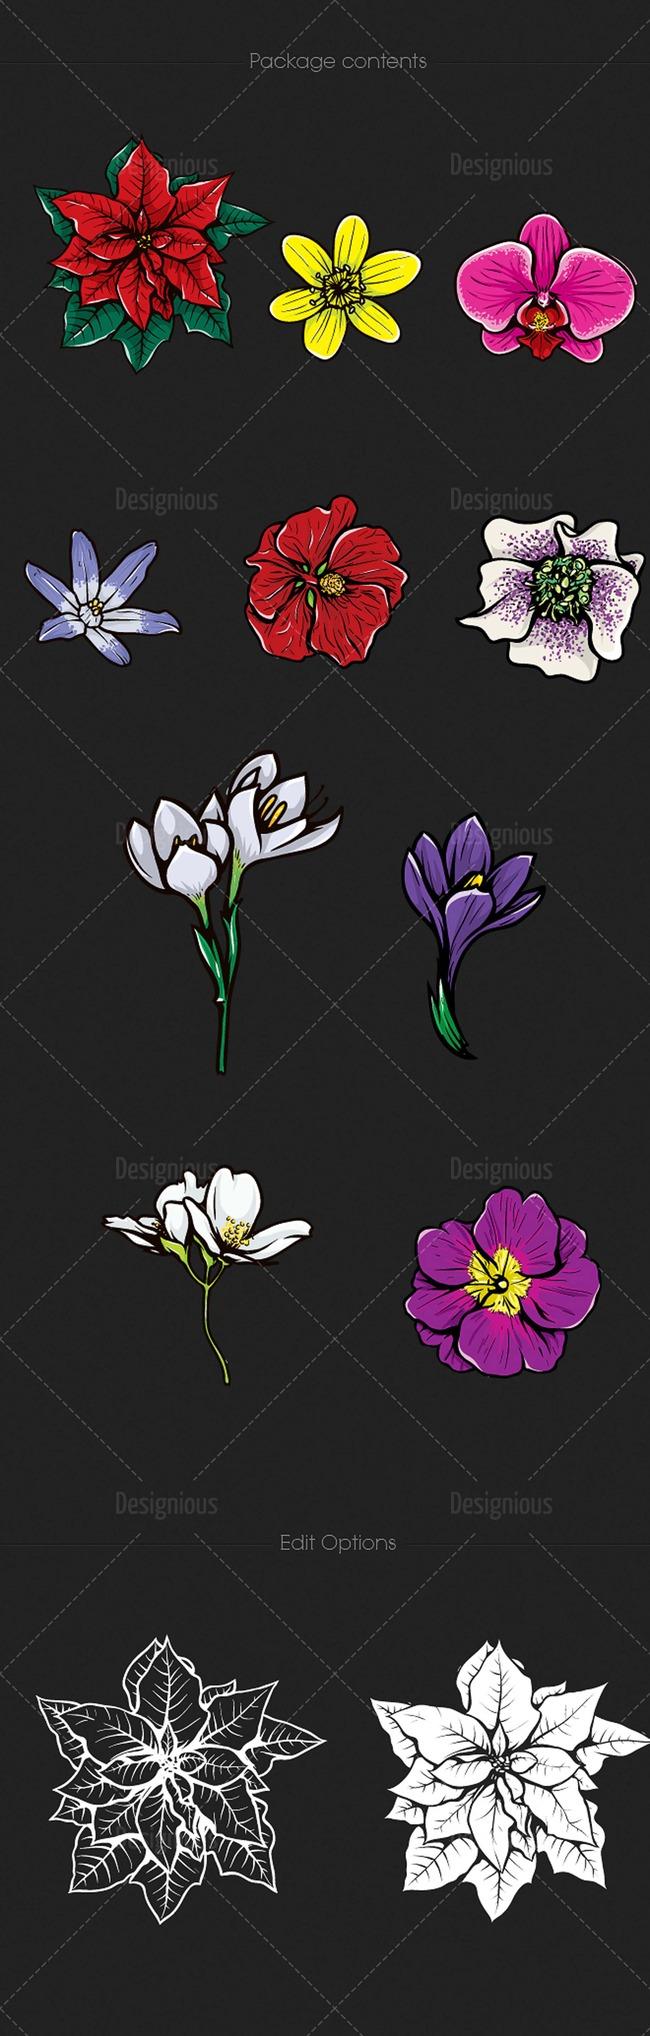 矢量时尚花朵图案设计